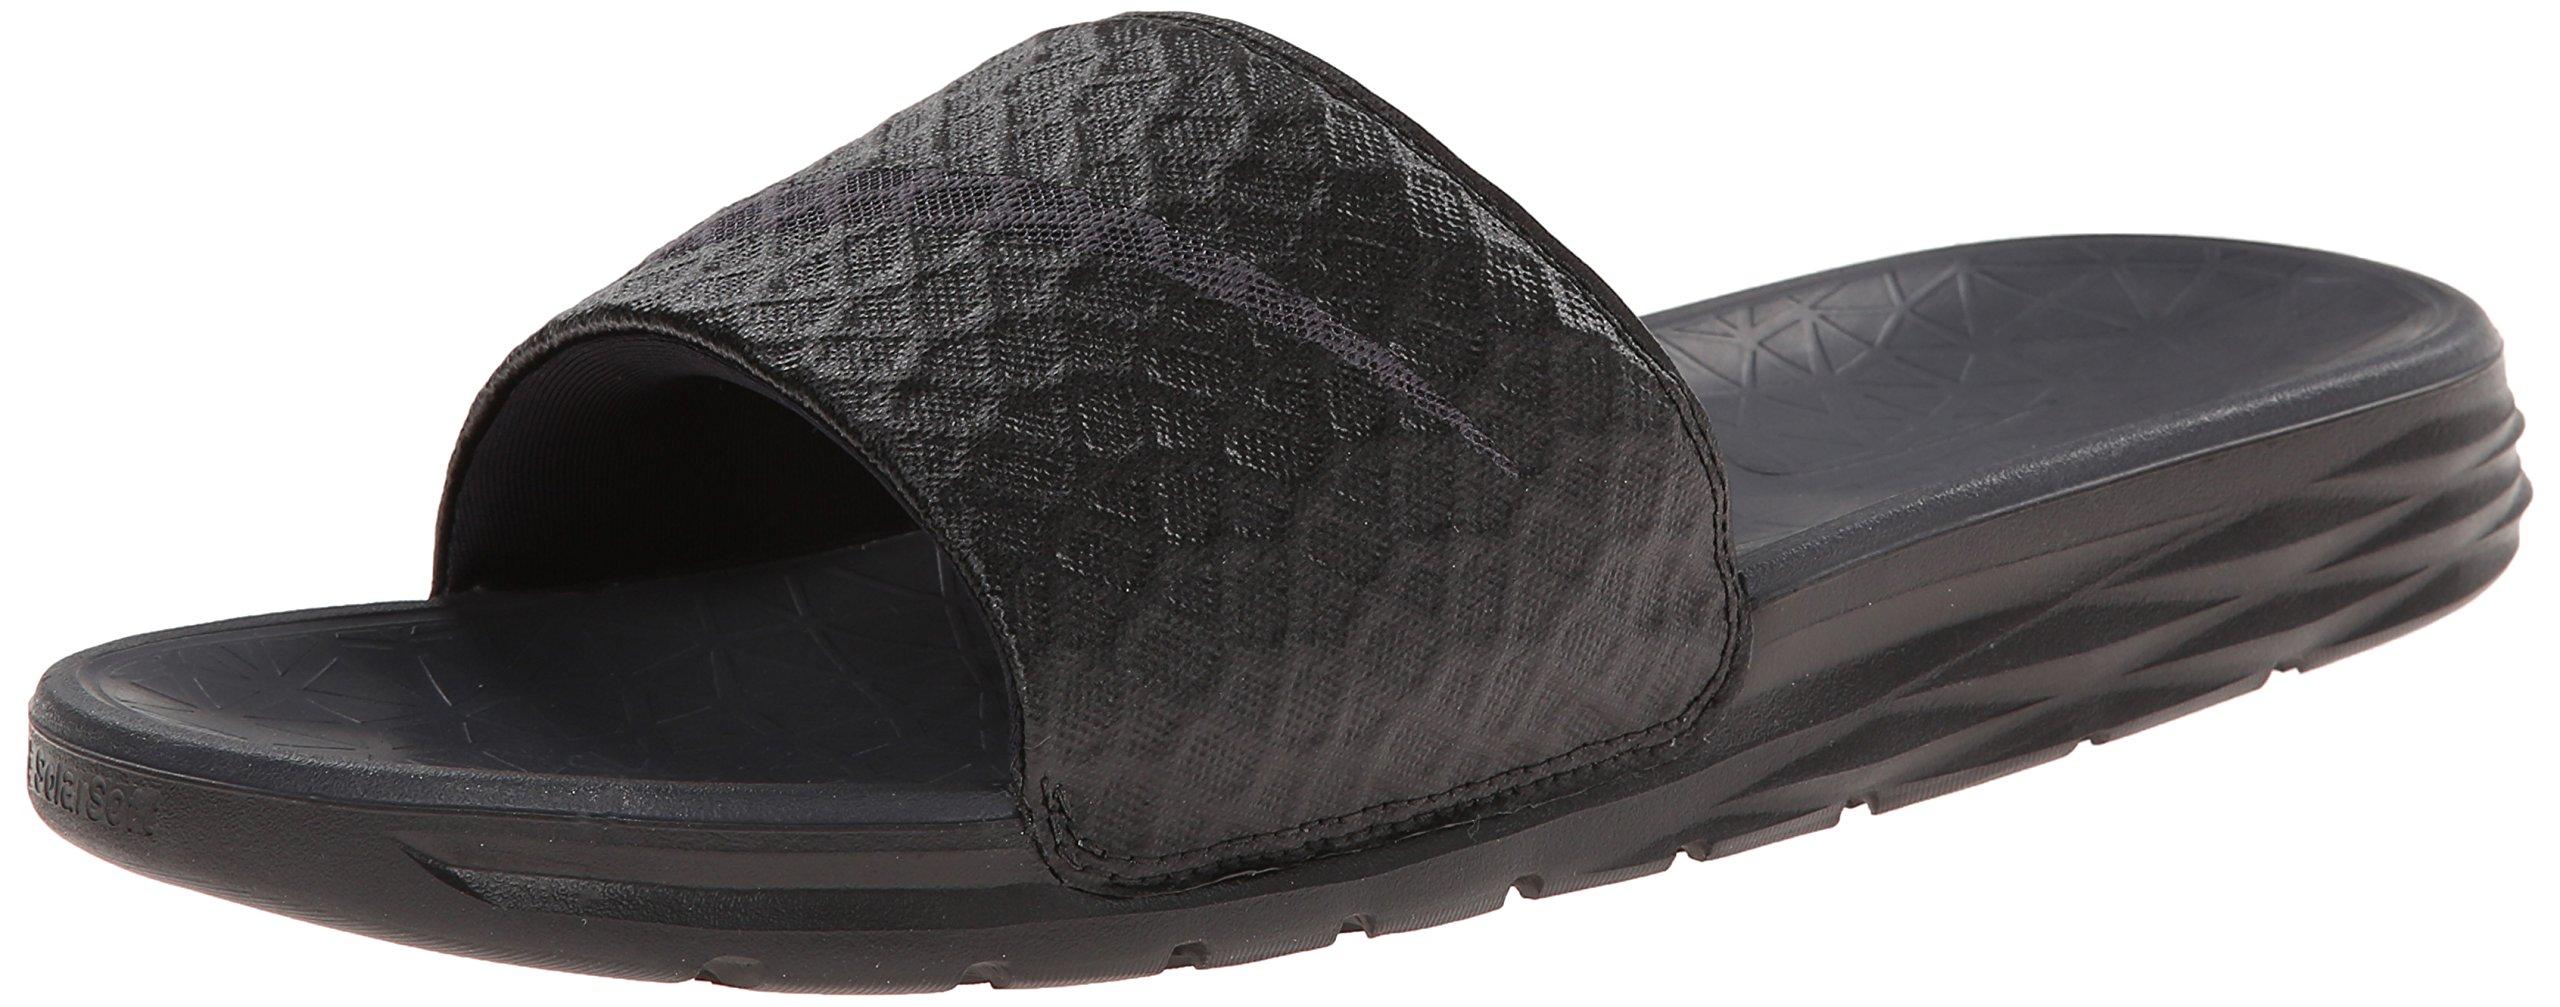 NIKE Men's Benassi Solarsoft Slide Sandal, Black/Anthracite, 10 D(M) US